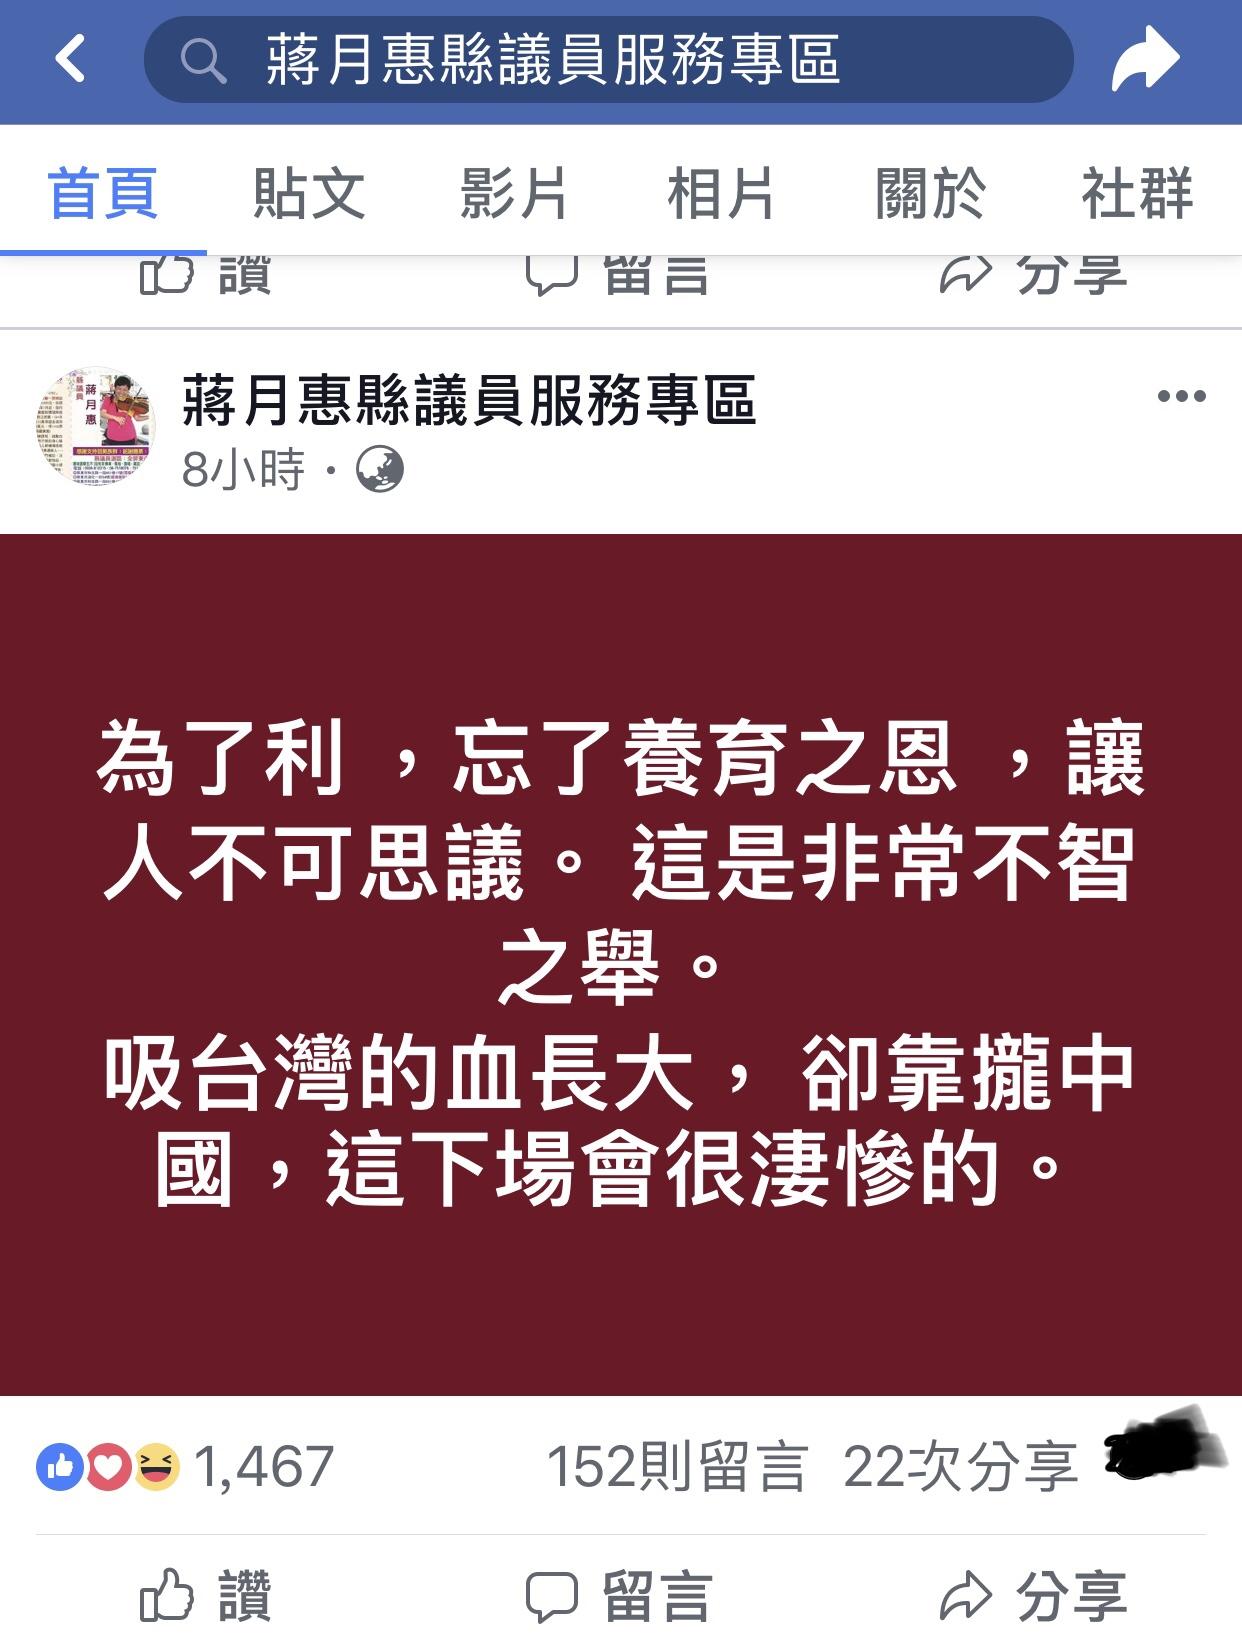 屏東縣議員蔣月惠今天凌晨針對吳寶春事件發文。記者蔣繼平/翻攝